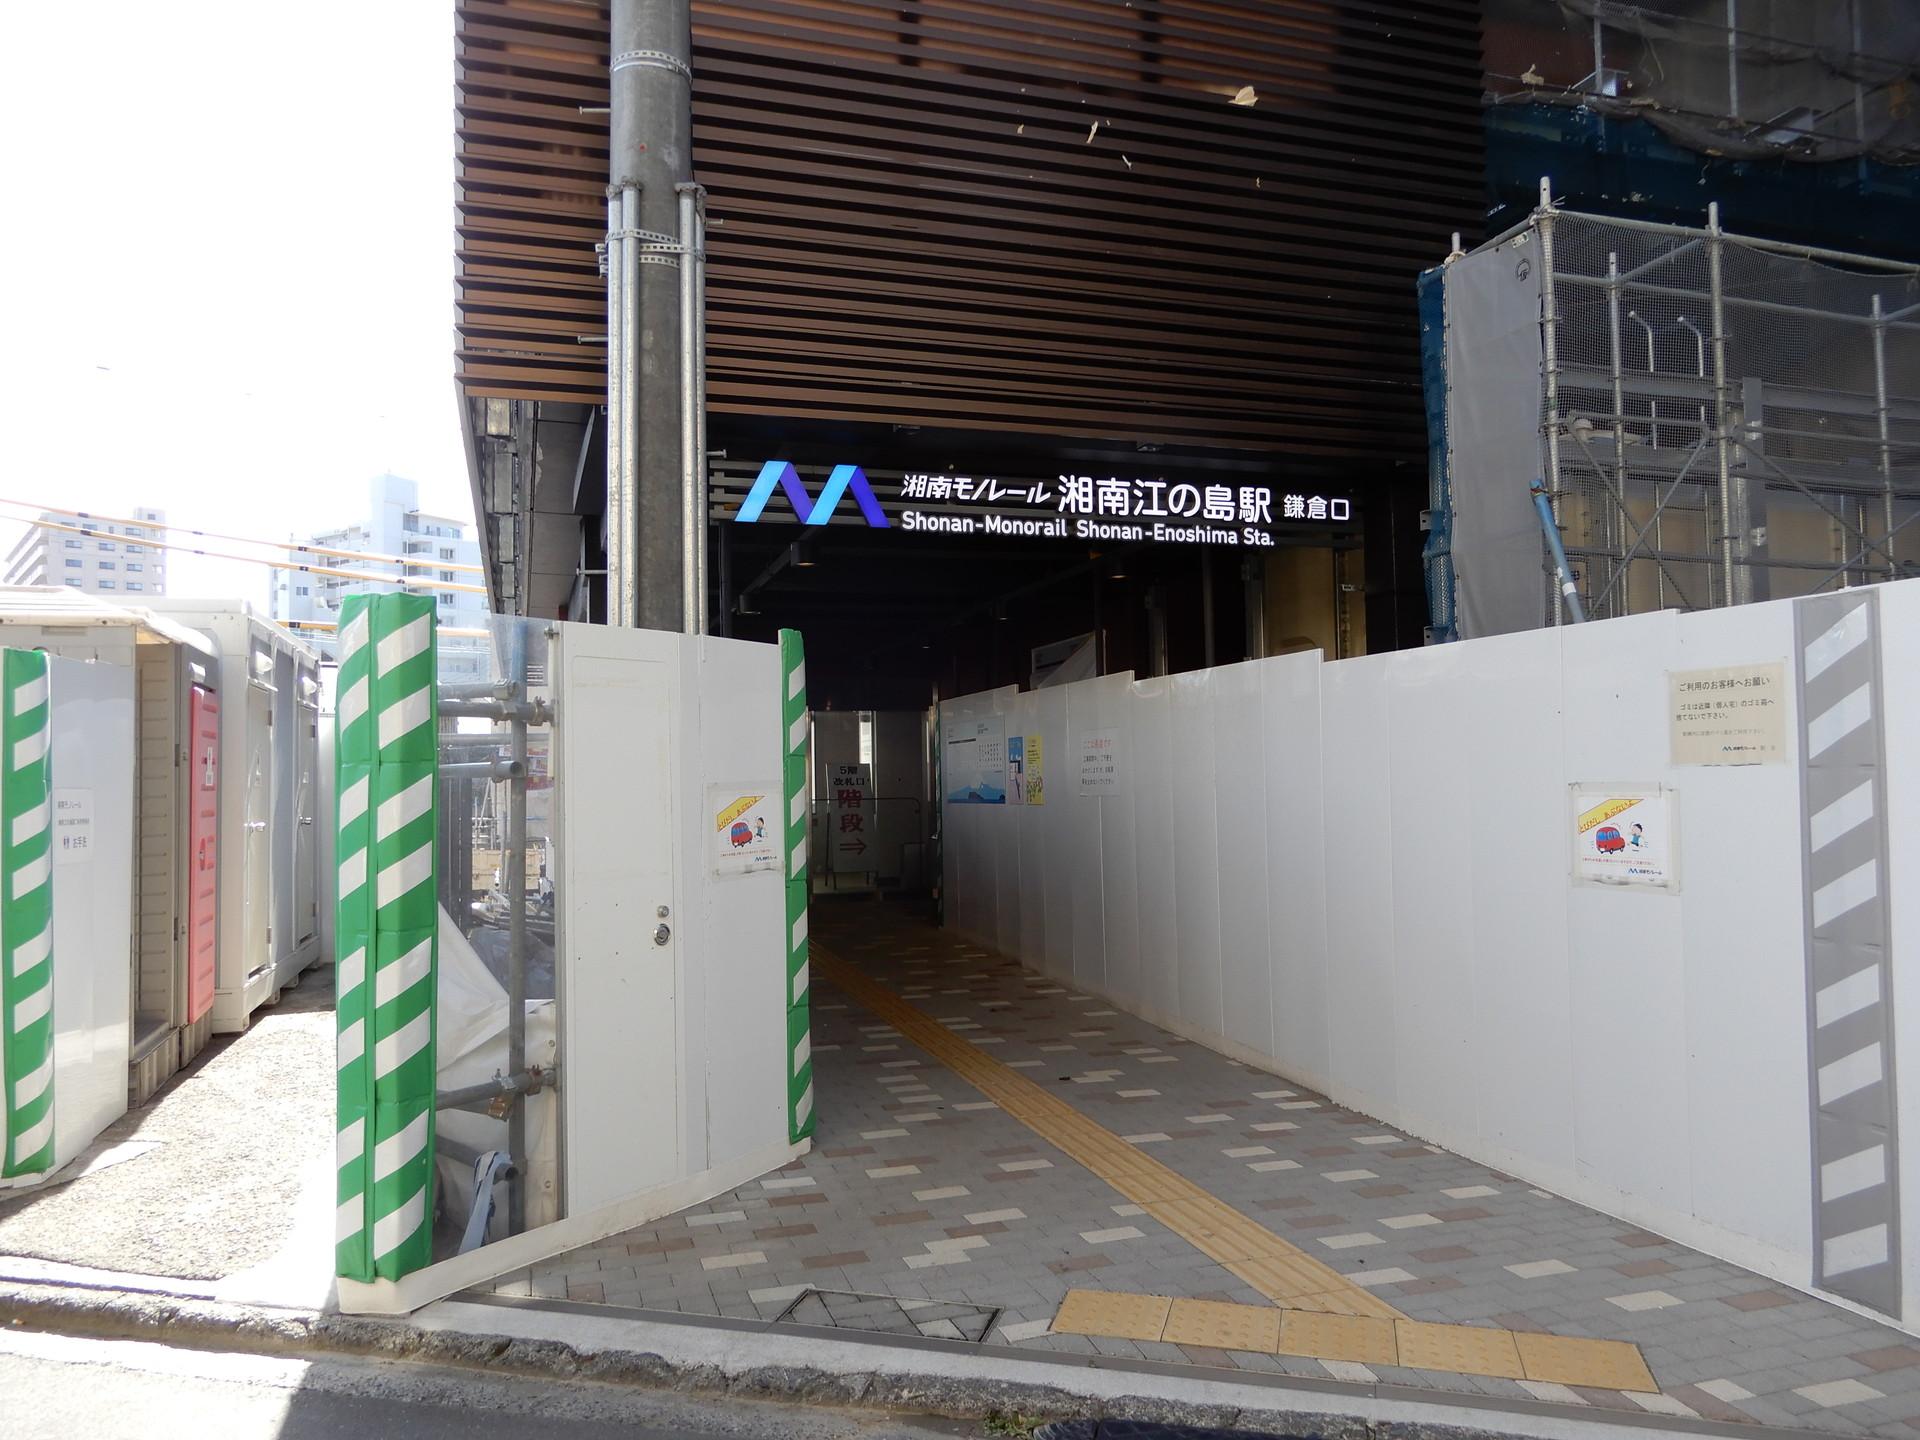 鎌倉口の様子